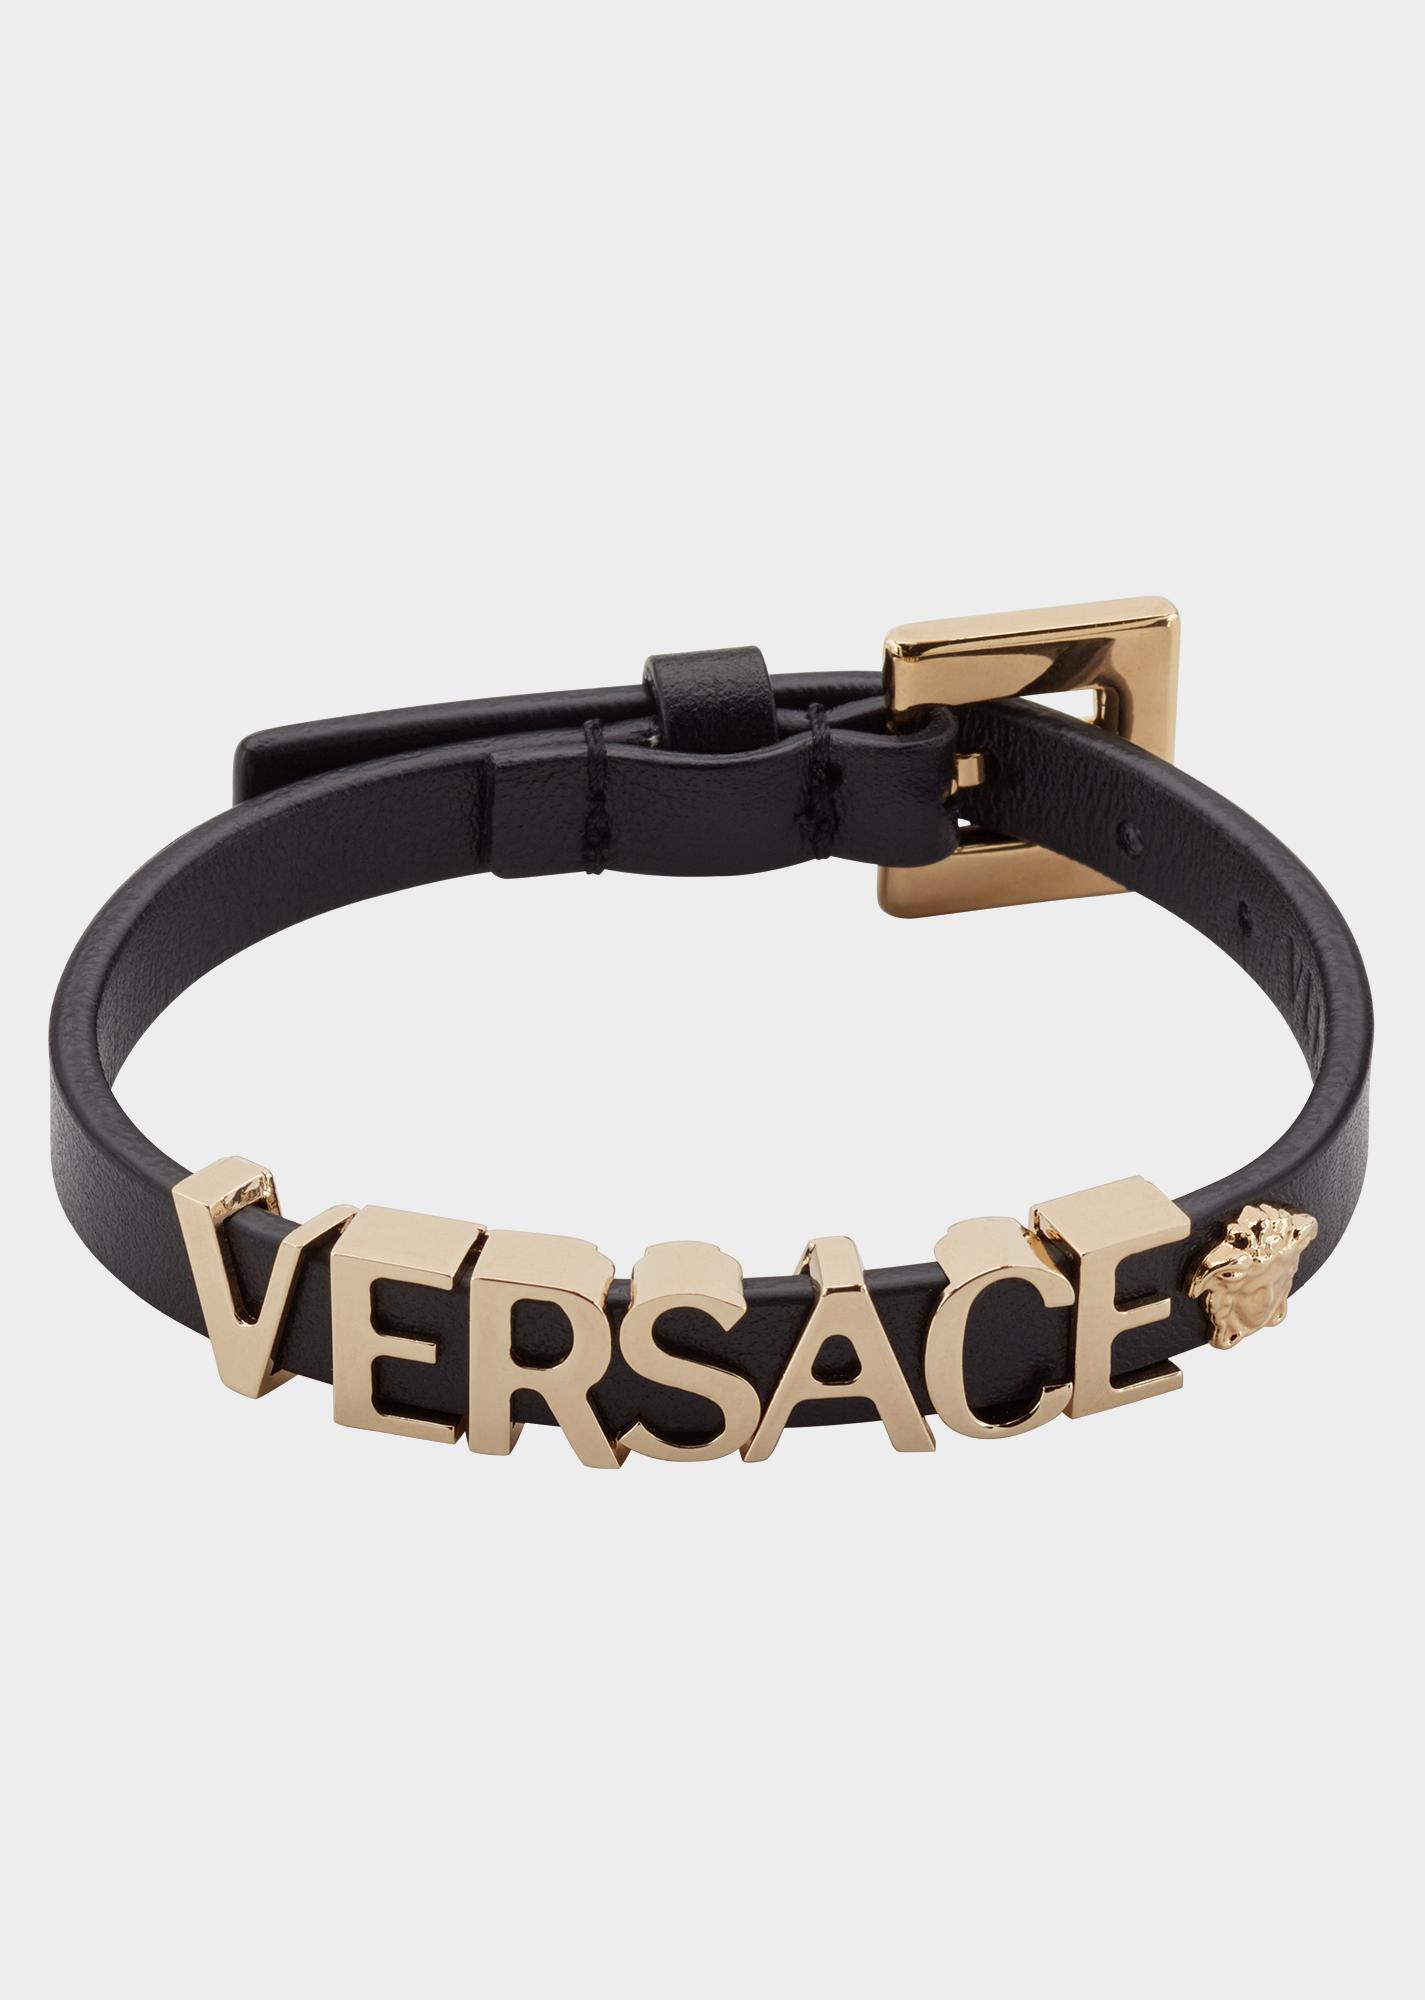 Versace logo leather bracelet black bracelets bracelets